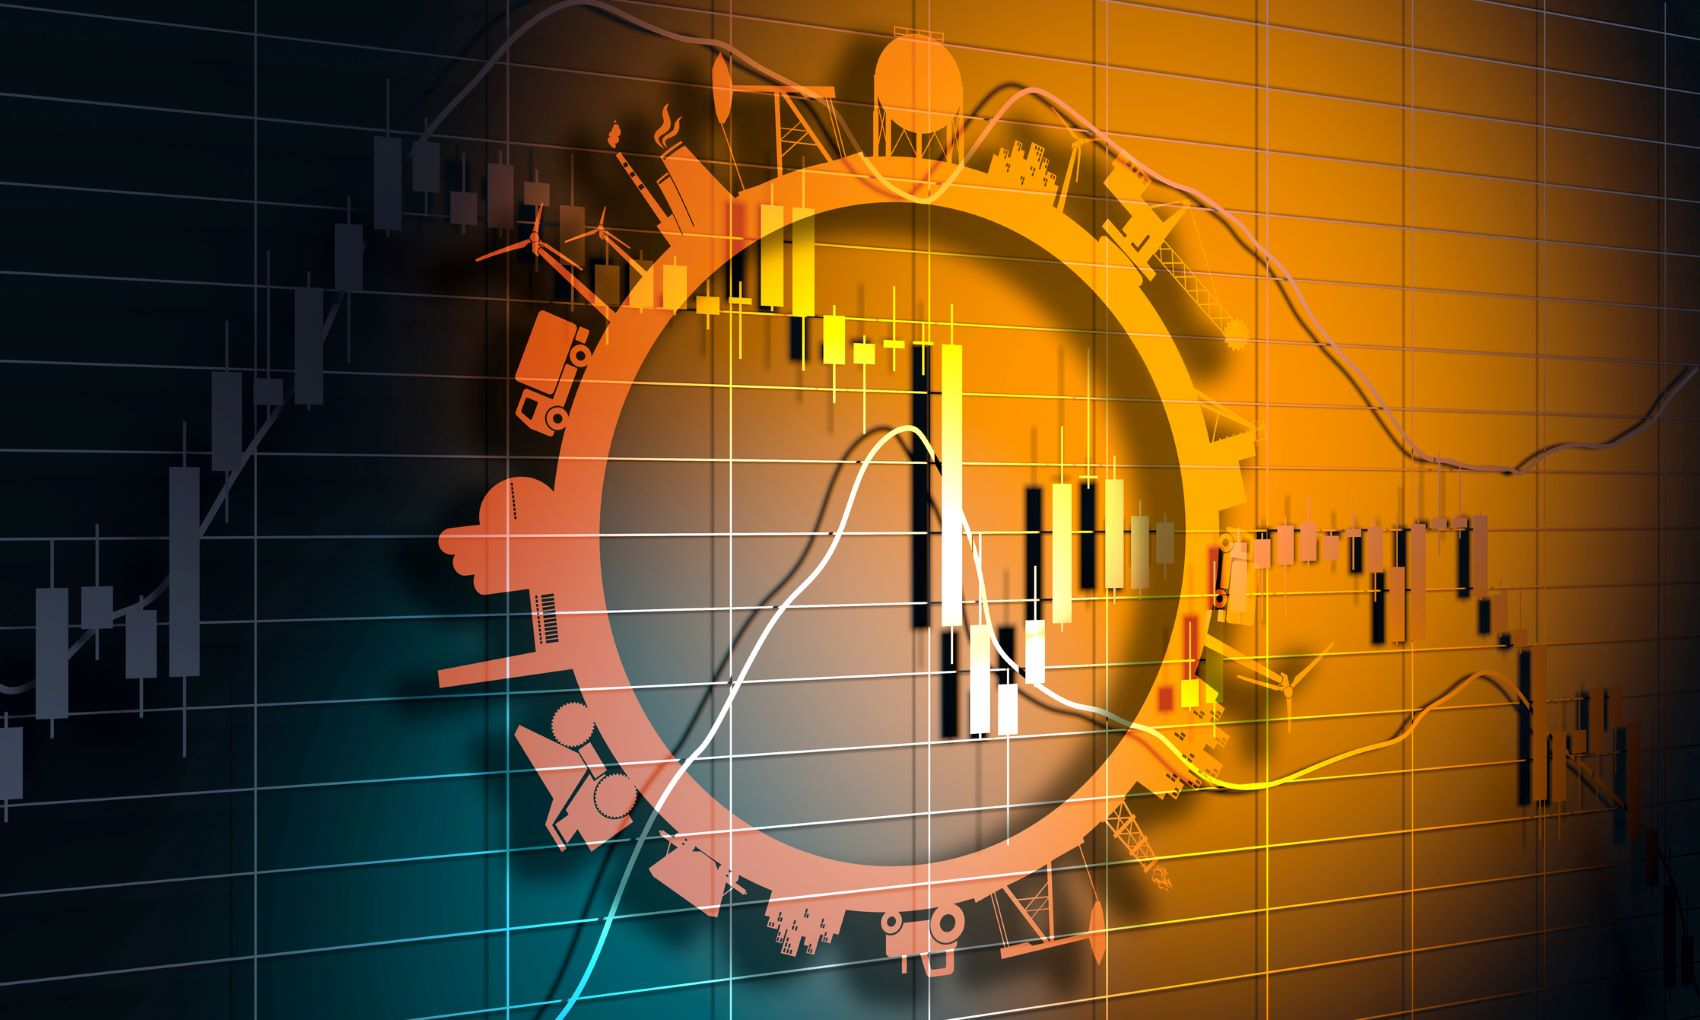 Compra de campo da Petrobras deve ser aprovada até o fim do ano, diz PetroRio thumbnail